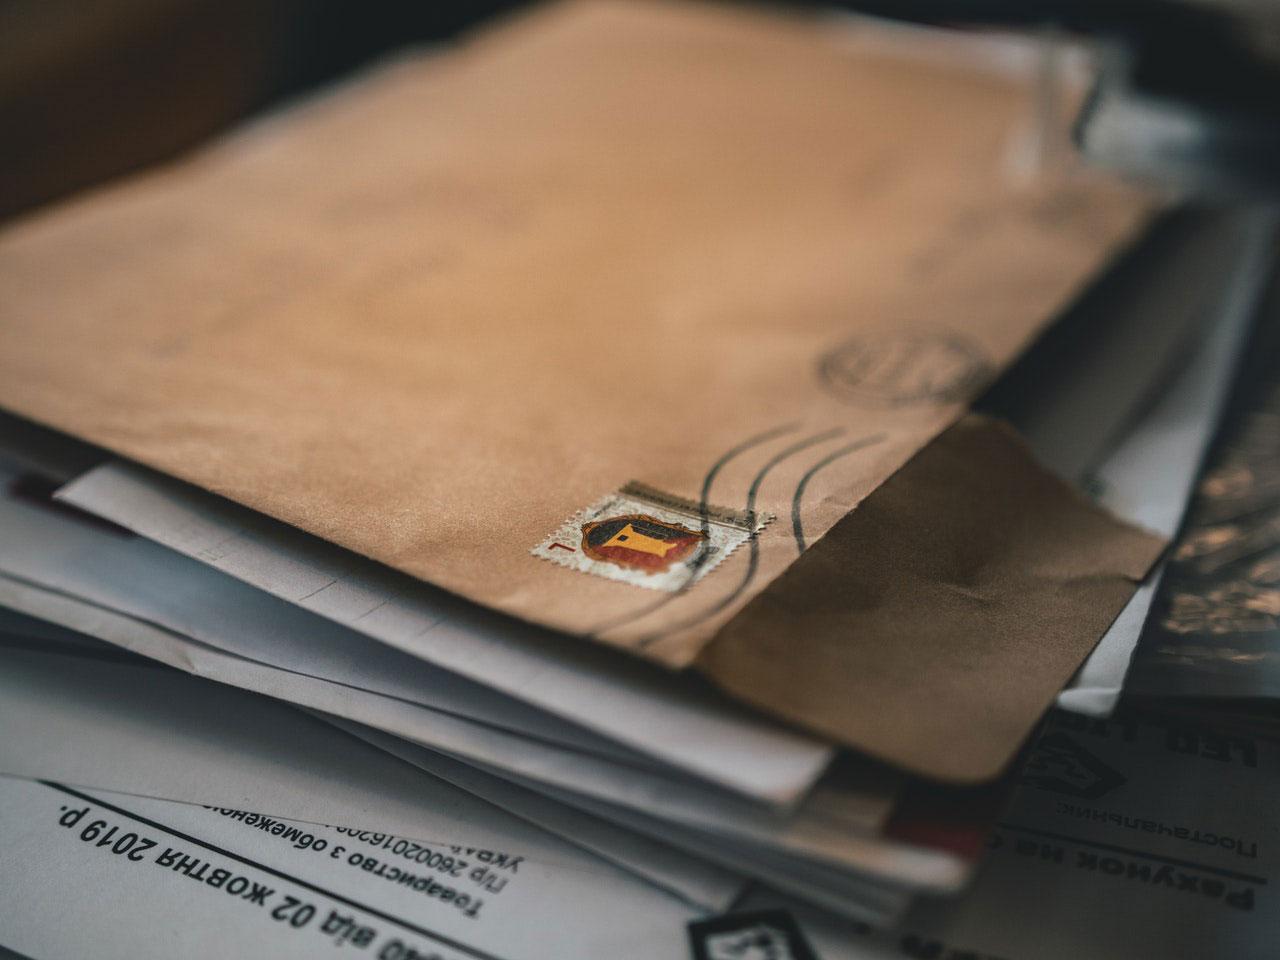 Maneiras de evitar germes no correio e entregas